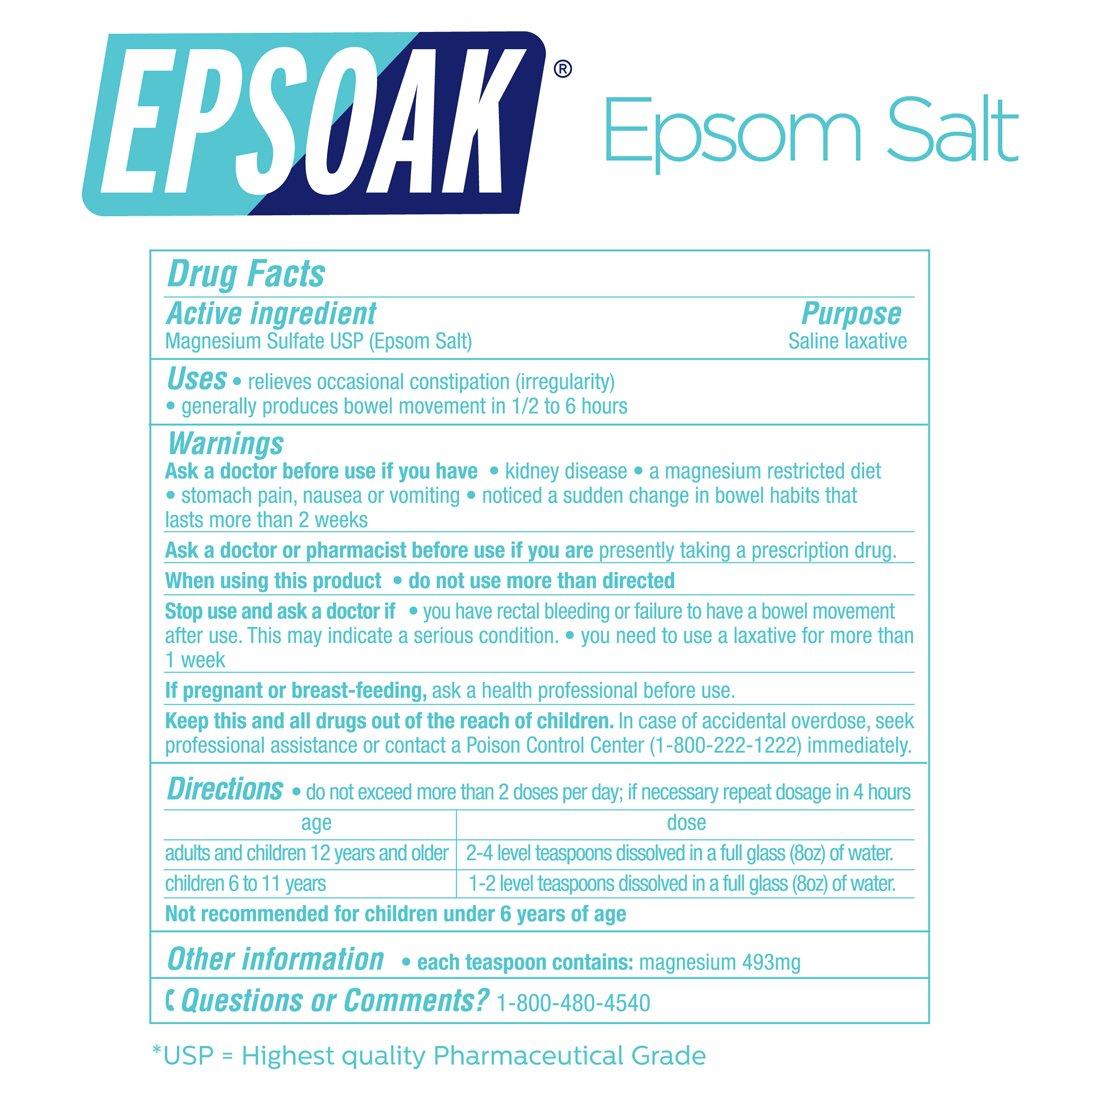 Epsoak Epsom Salt 5 lbs. Magnesium Sulfate USP by Epsoak (Image #8)